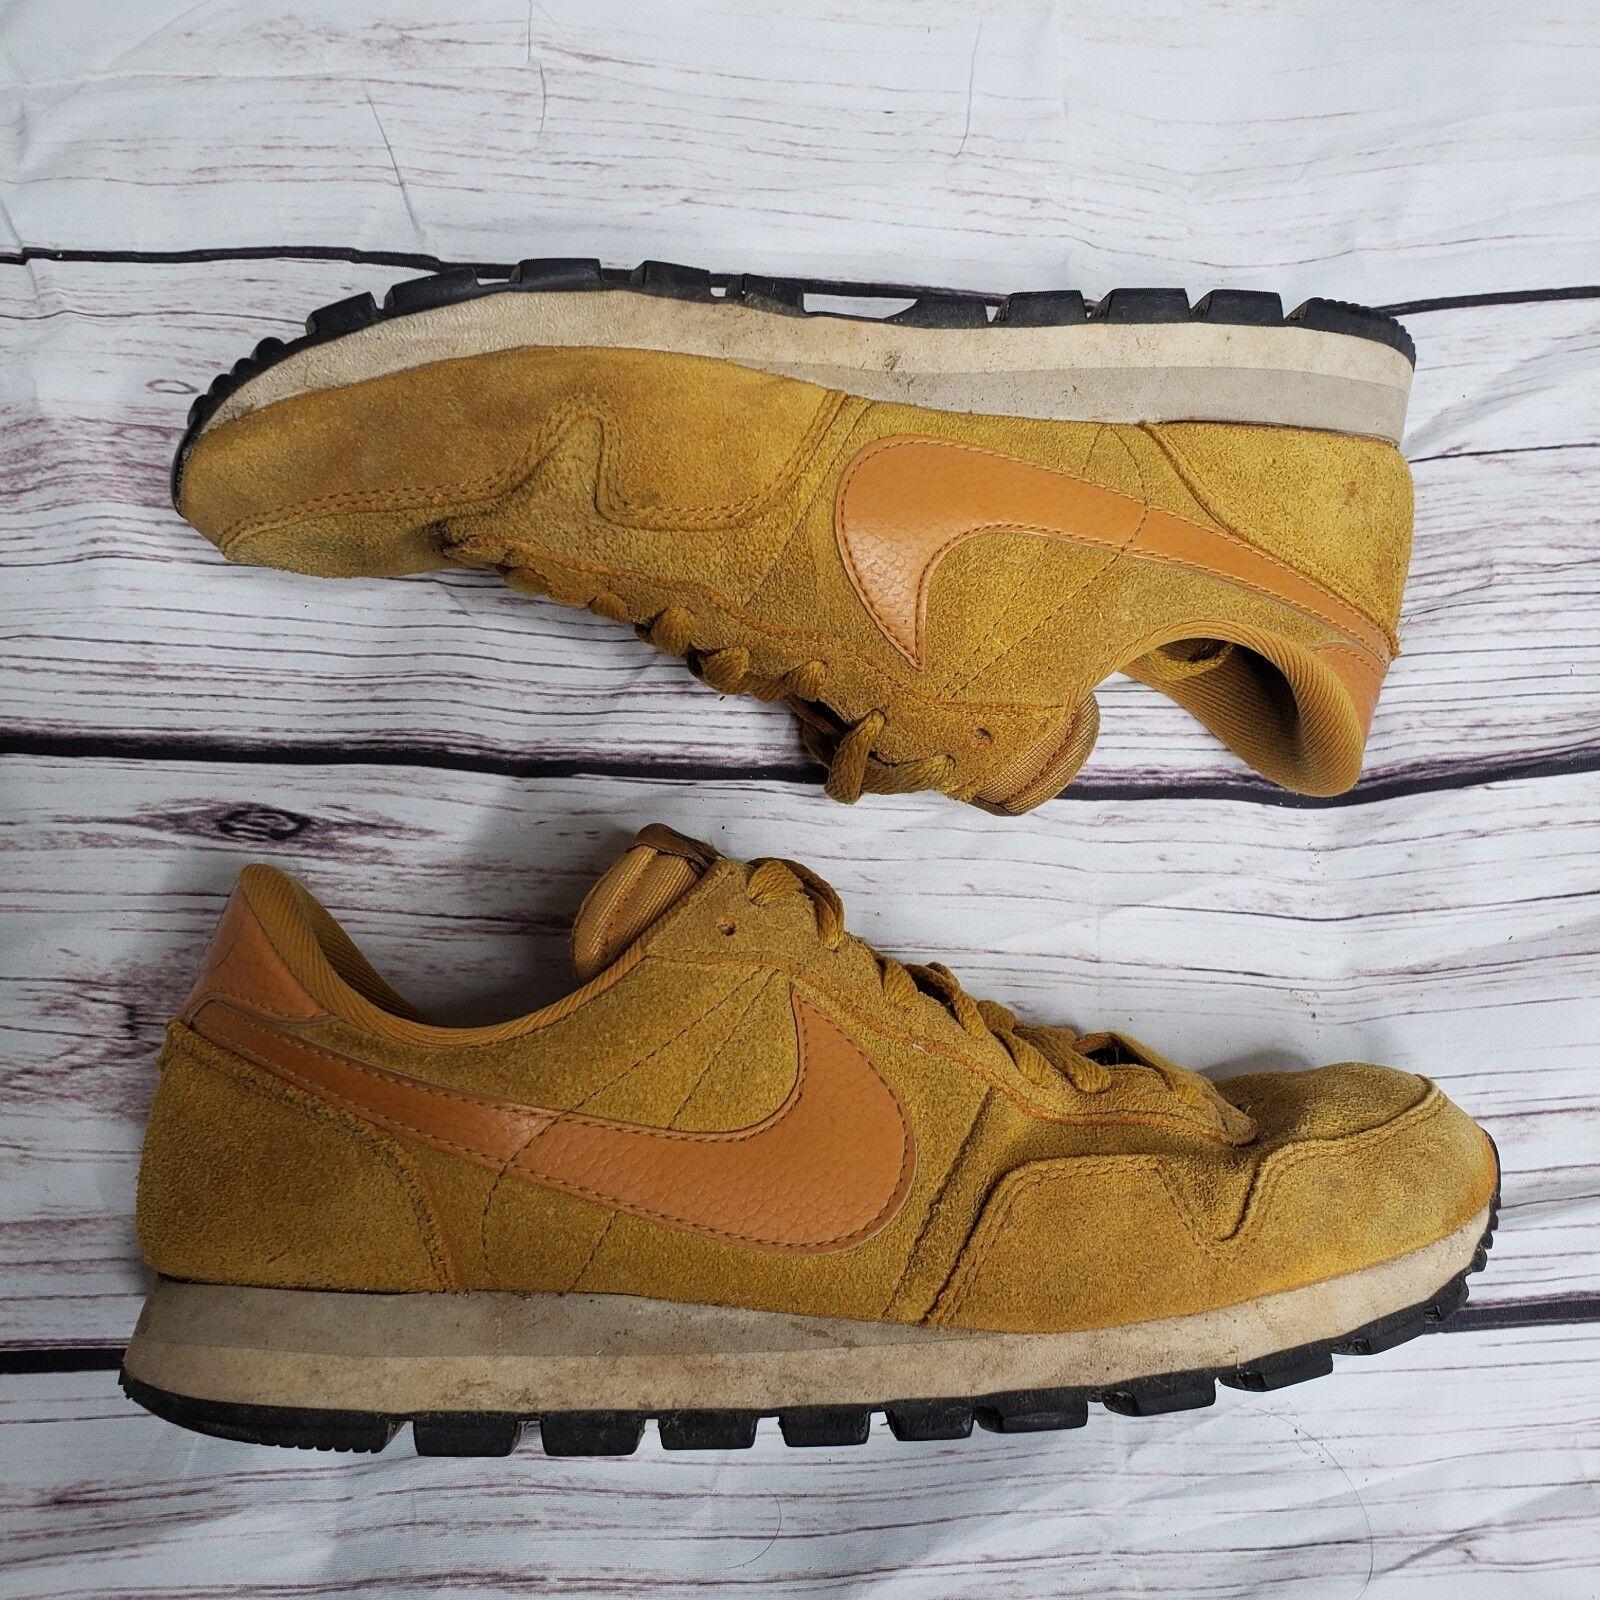 Nike air pegasus 83 oro scamosciato mens scarpe trainer giallo dimensioni 7 correndo traning | acquisto speciale  | Maschio/Ragazze Scarpa